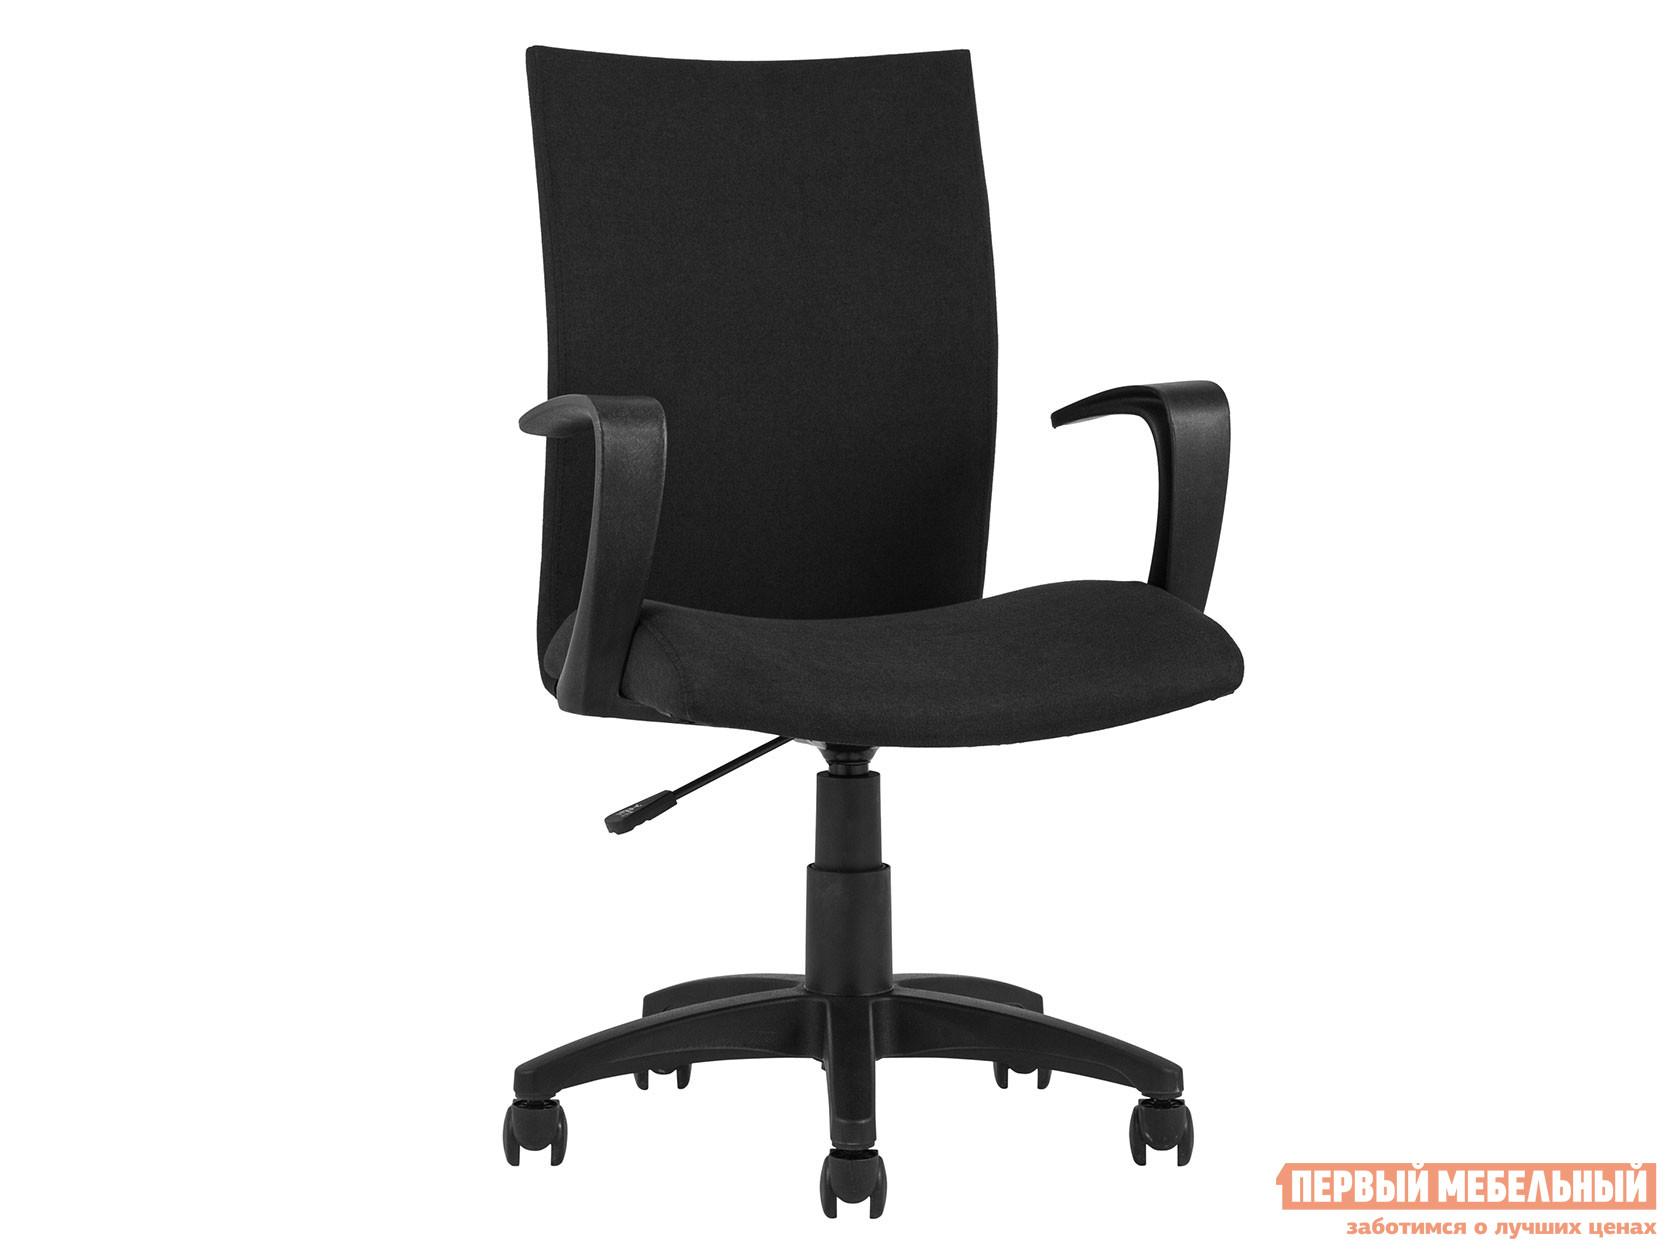 Офисное кресло Stool Group КреслоофисноеTopChairsHarmony